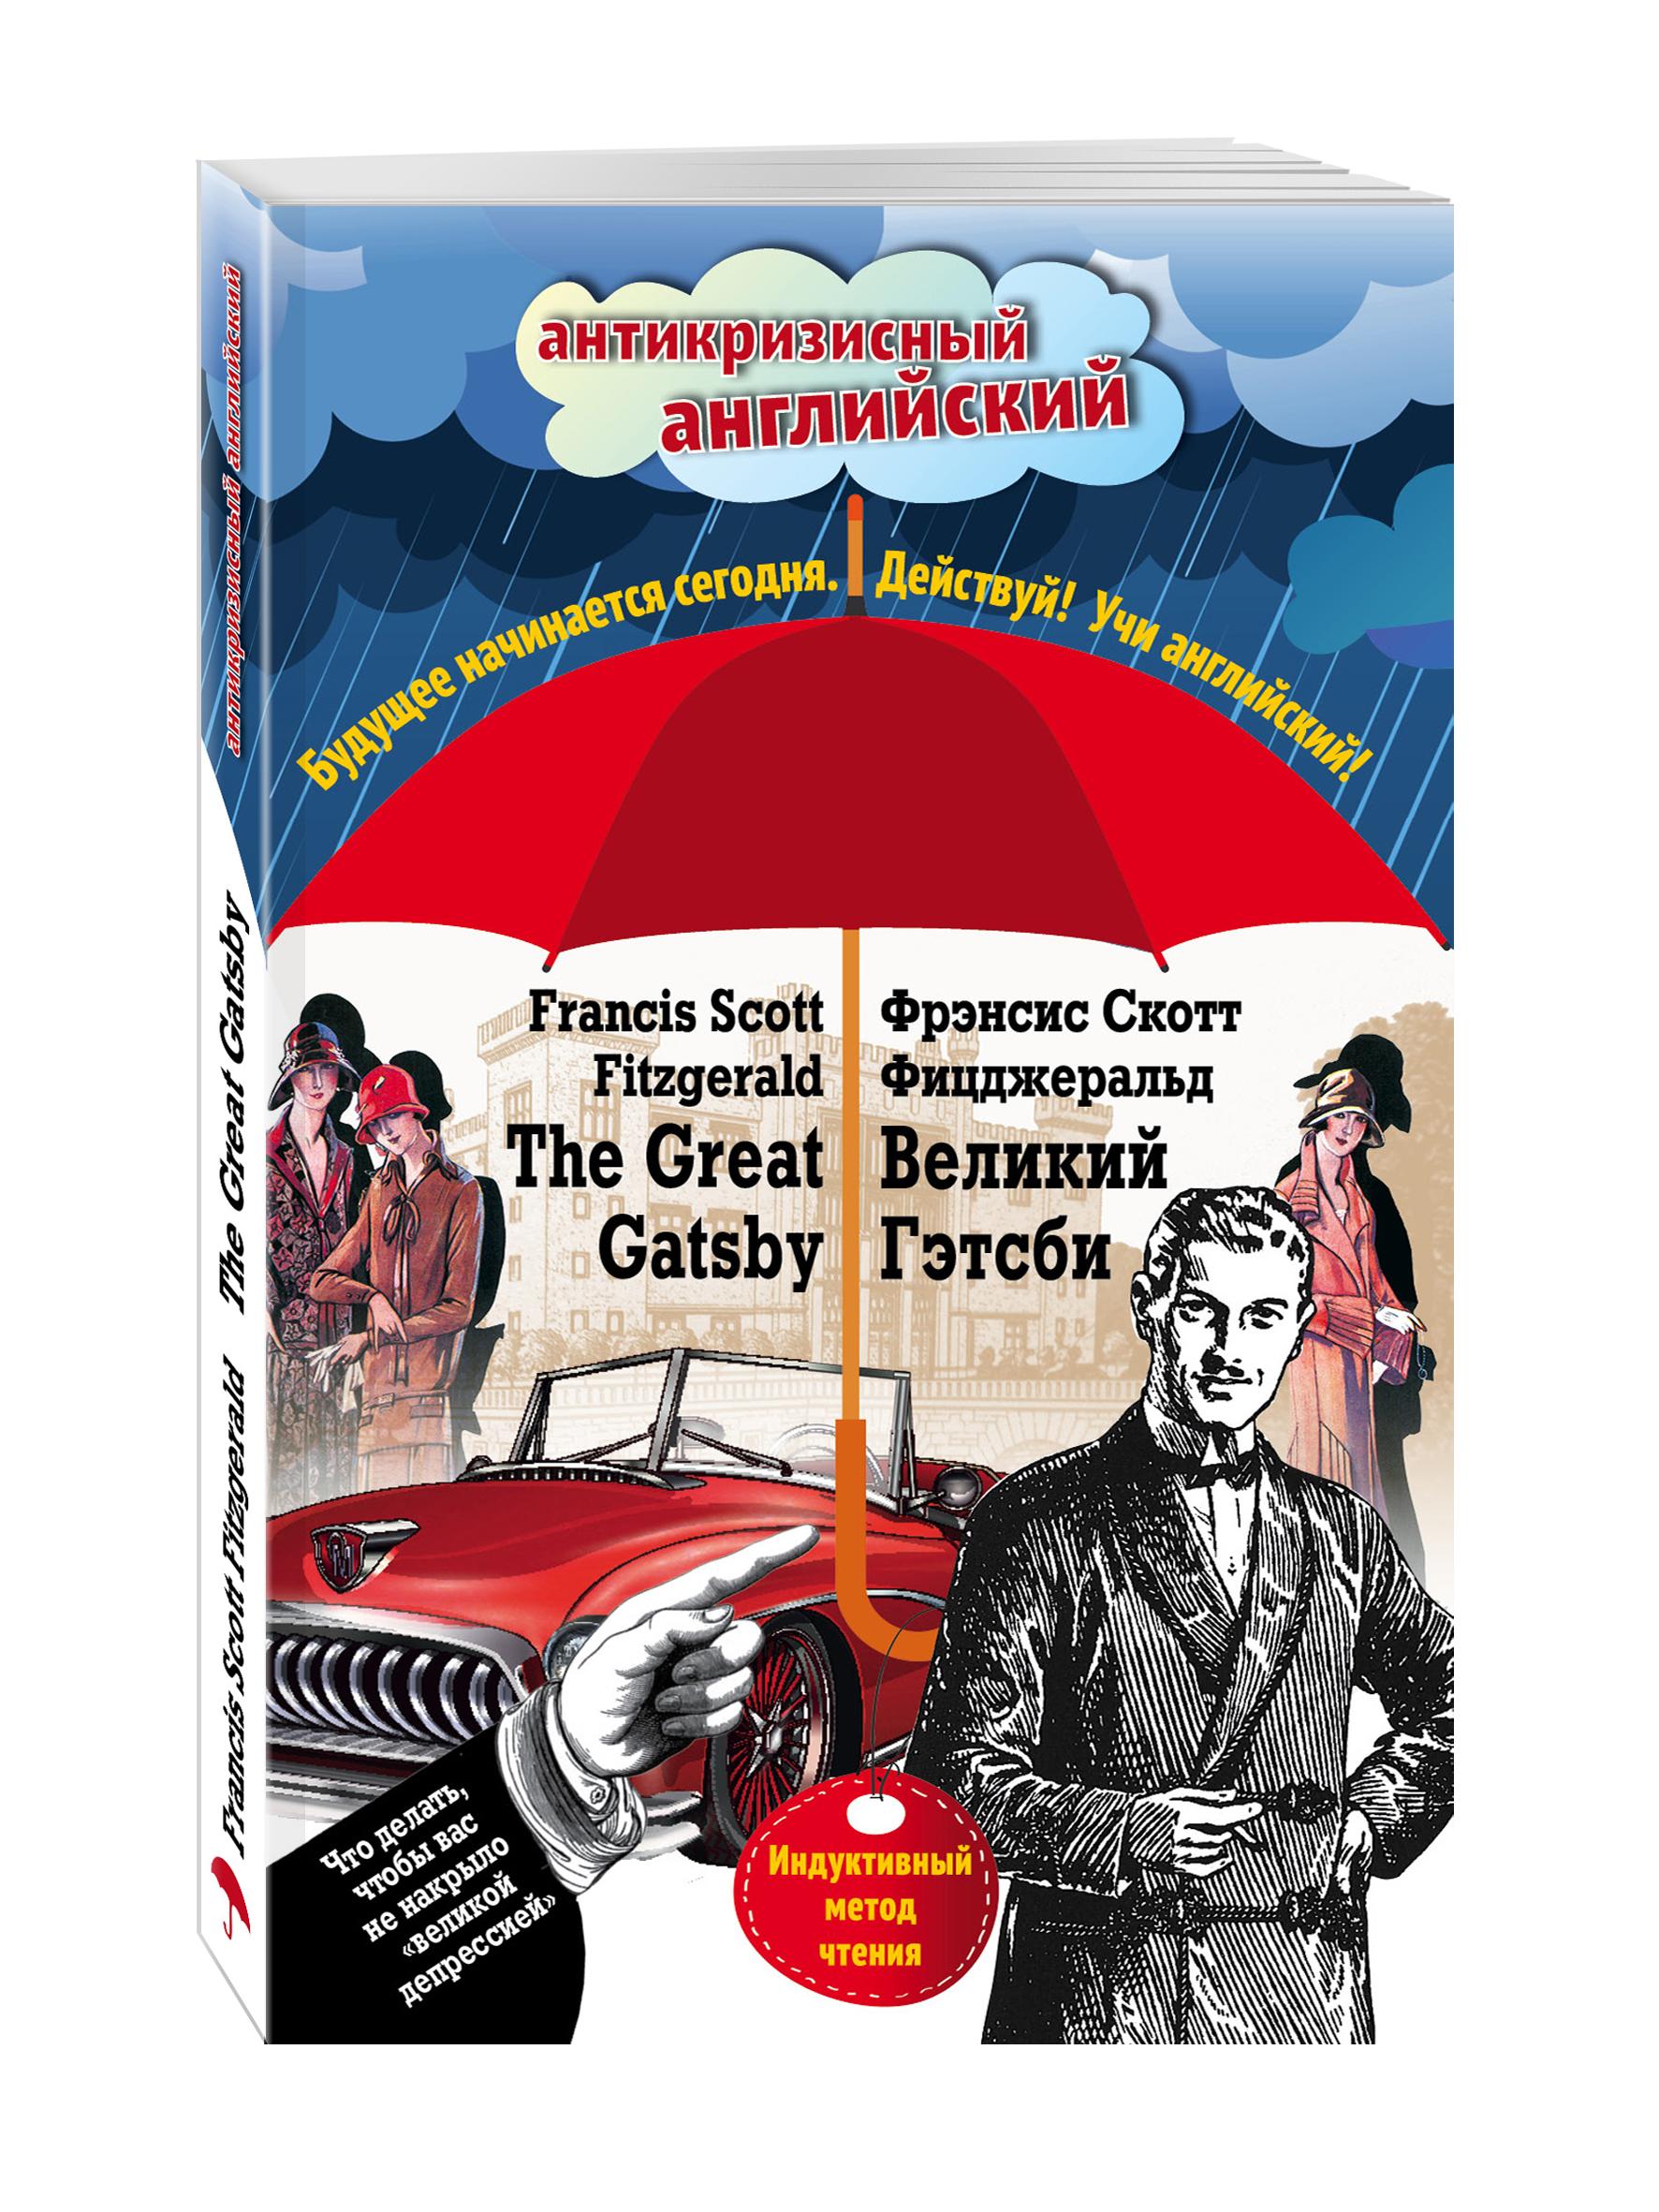 Великий Гэтсби = The Great Gatsby: Индуктивный метод чтения